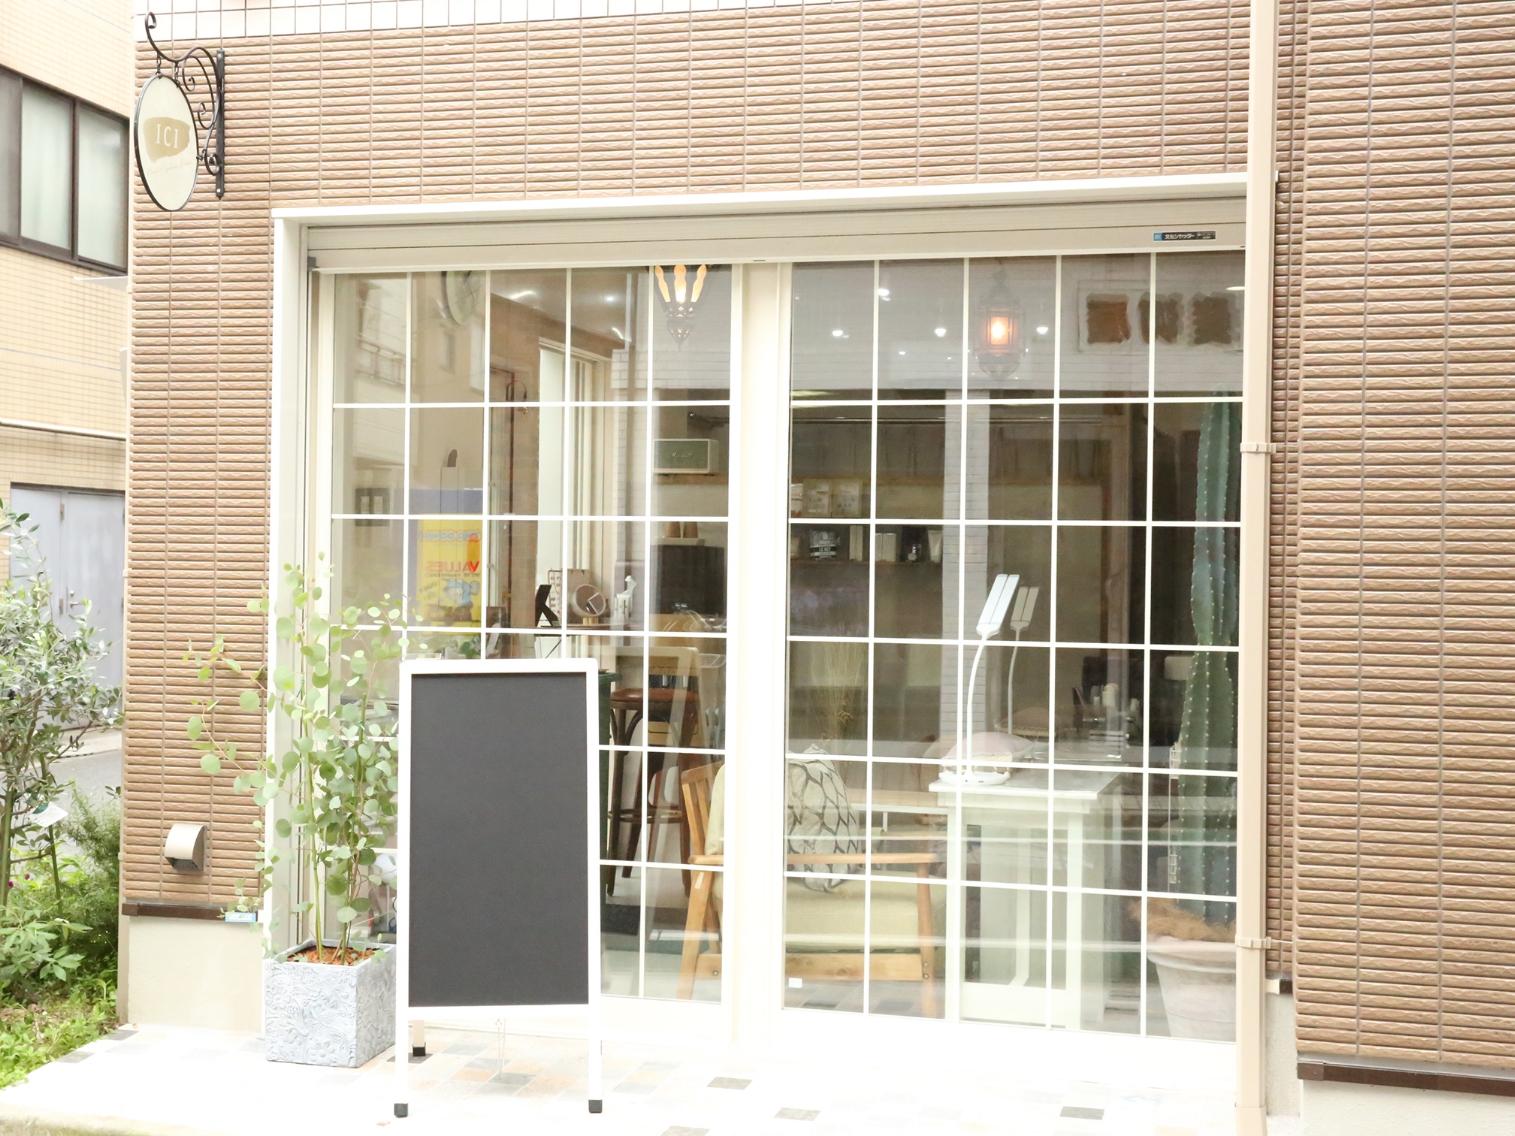 ICI -Atelier coco-